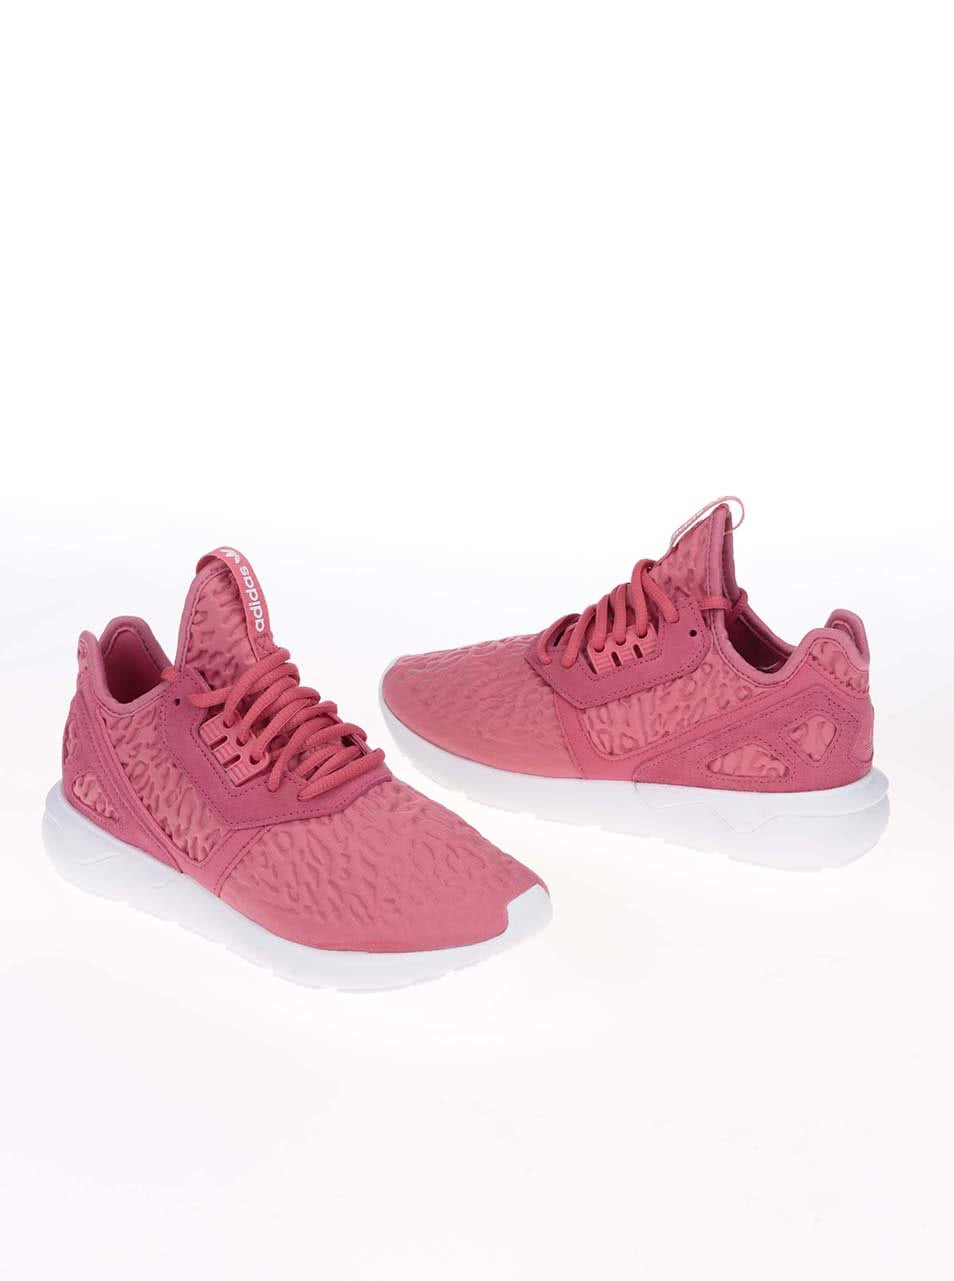 new concept 64759 fcf95 Pantofi sport de dama adidas Originals Tubular Runner W roz ...